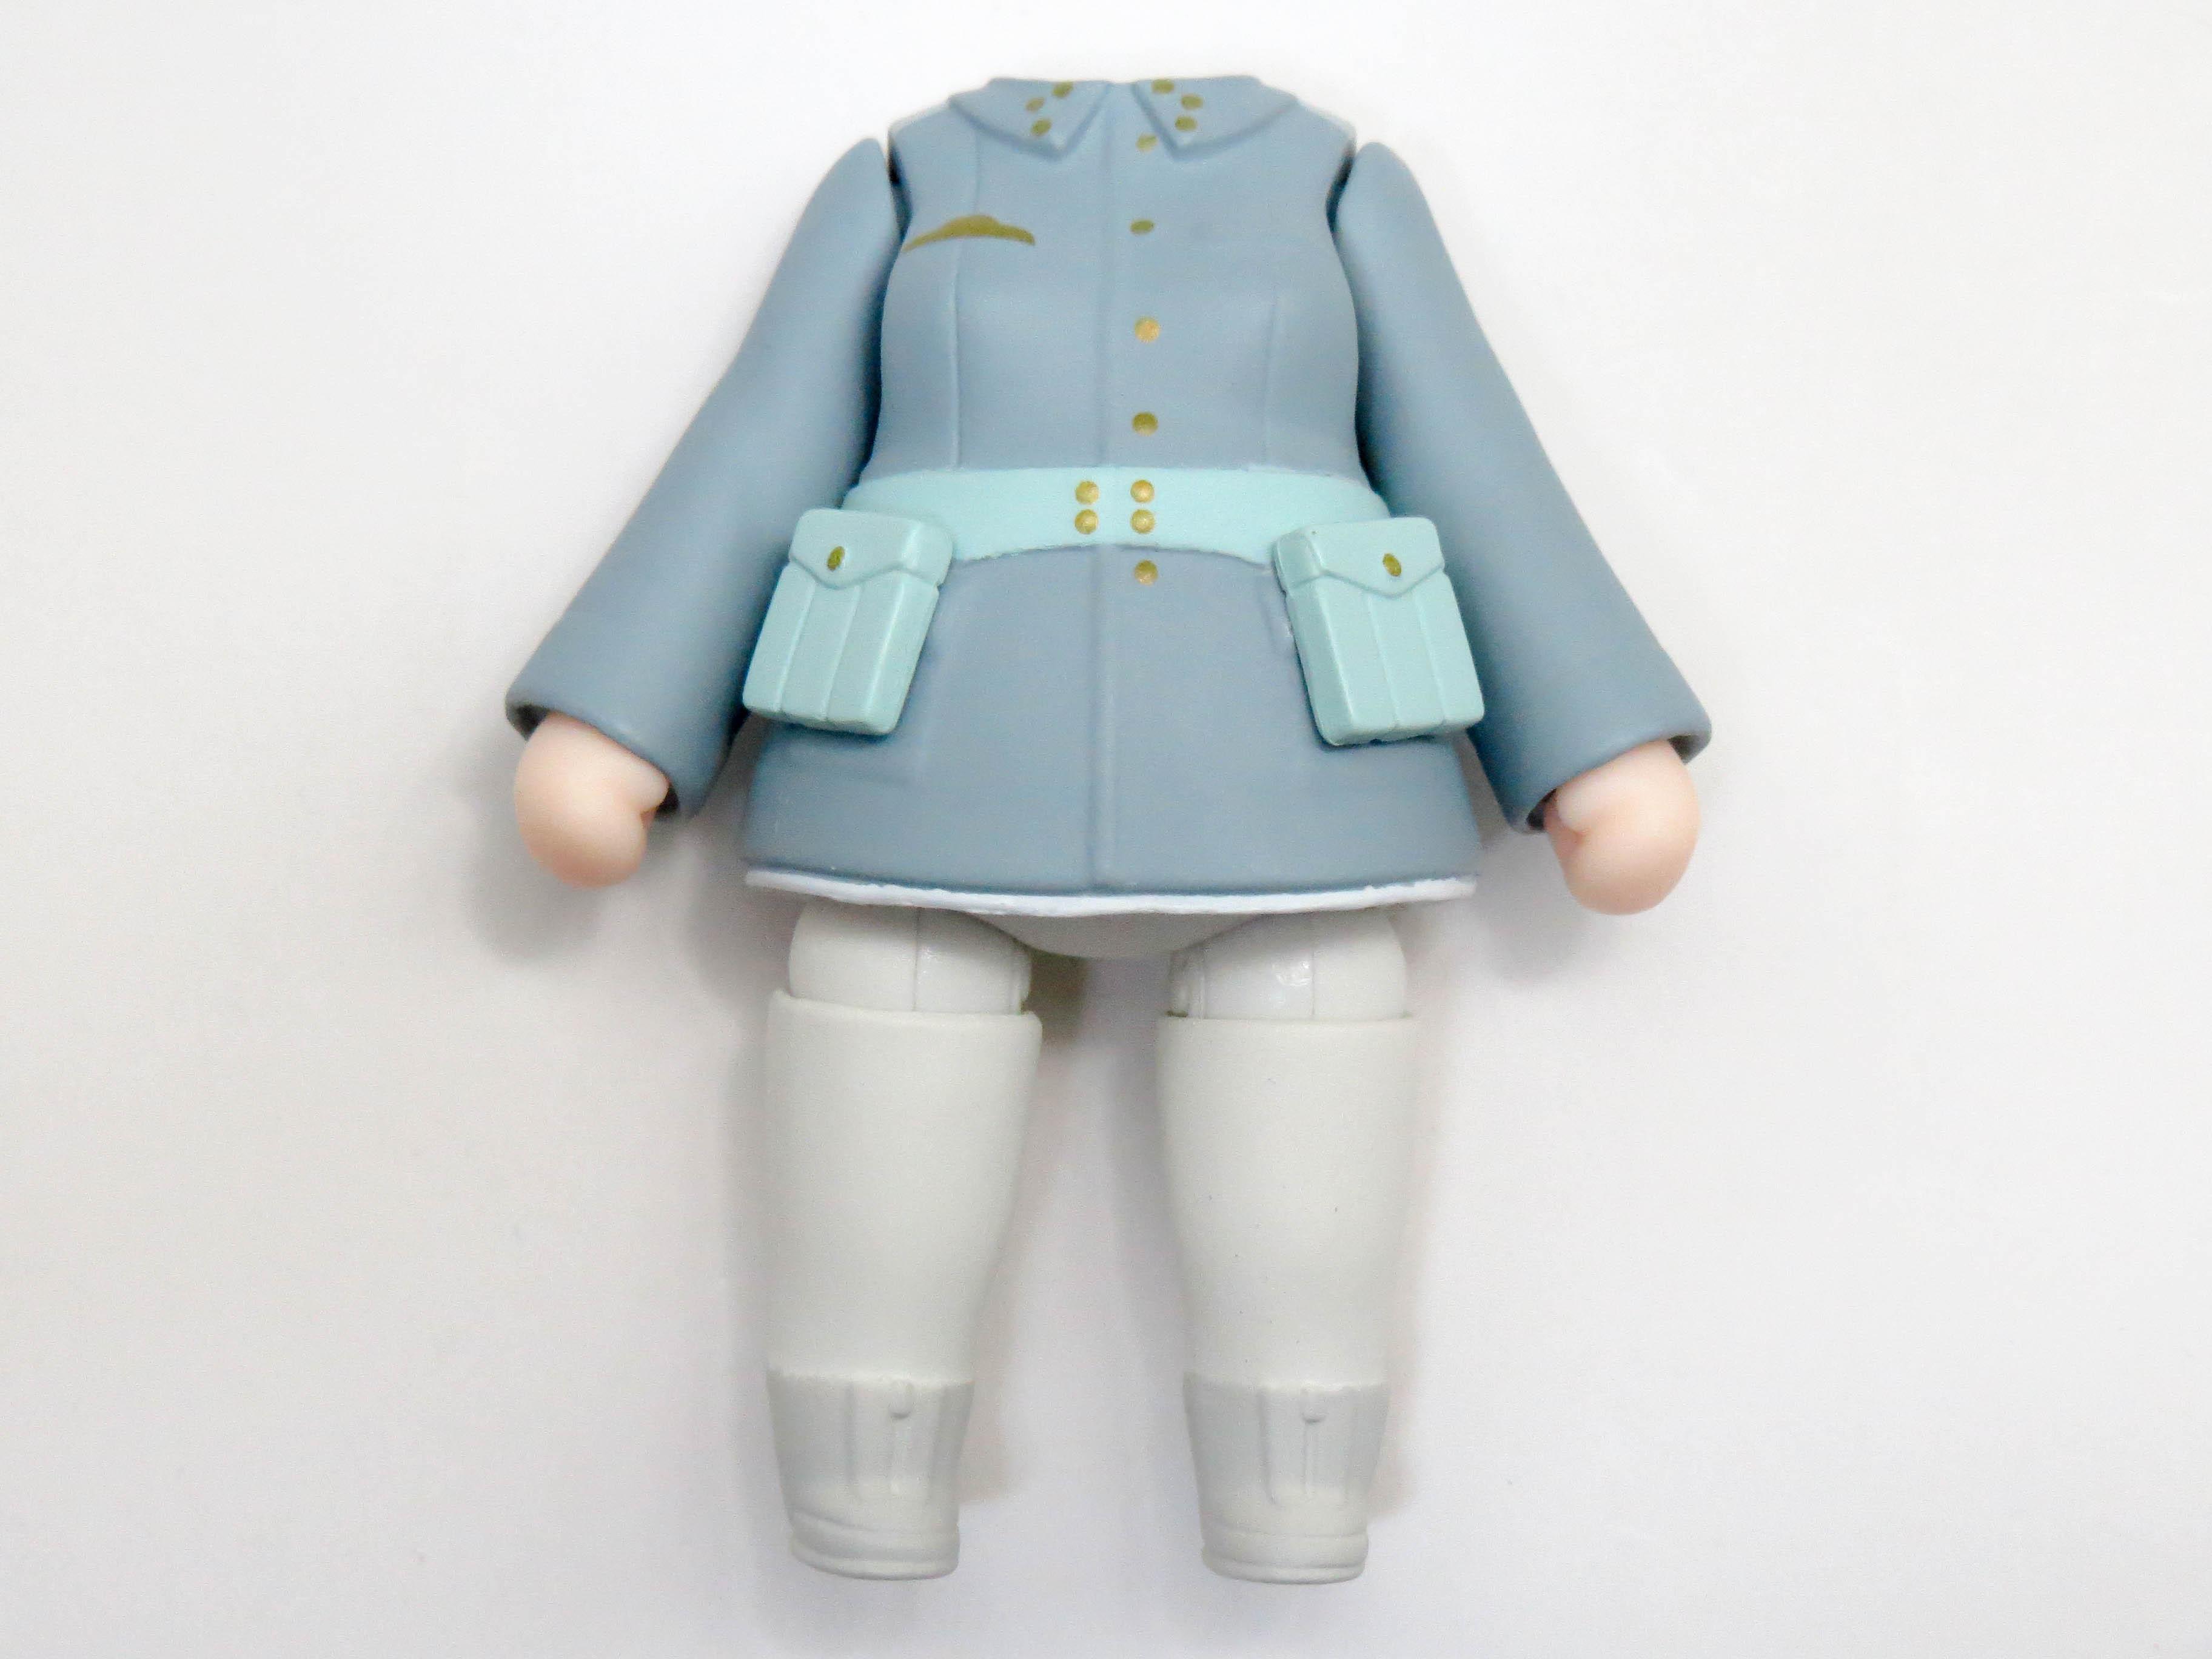 再入荷【561】 エイラ・イルマタル・ユーティライネン 体パーツ 戦闘服 ねんどろいど